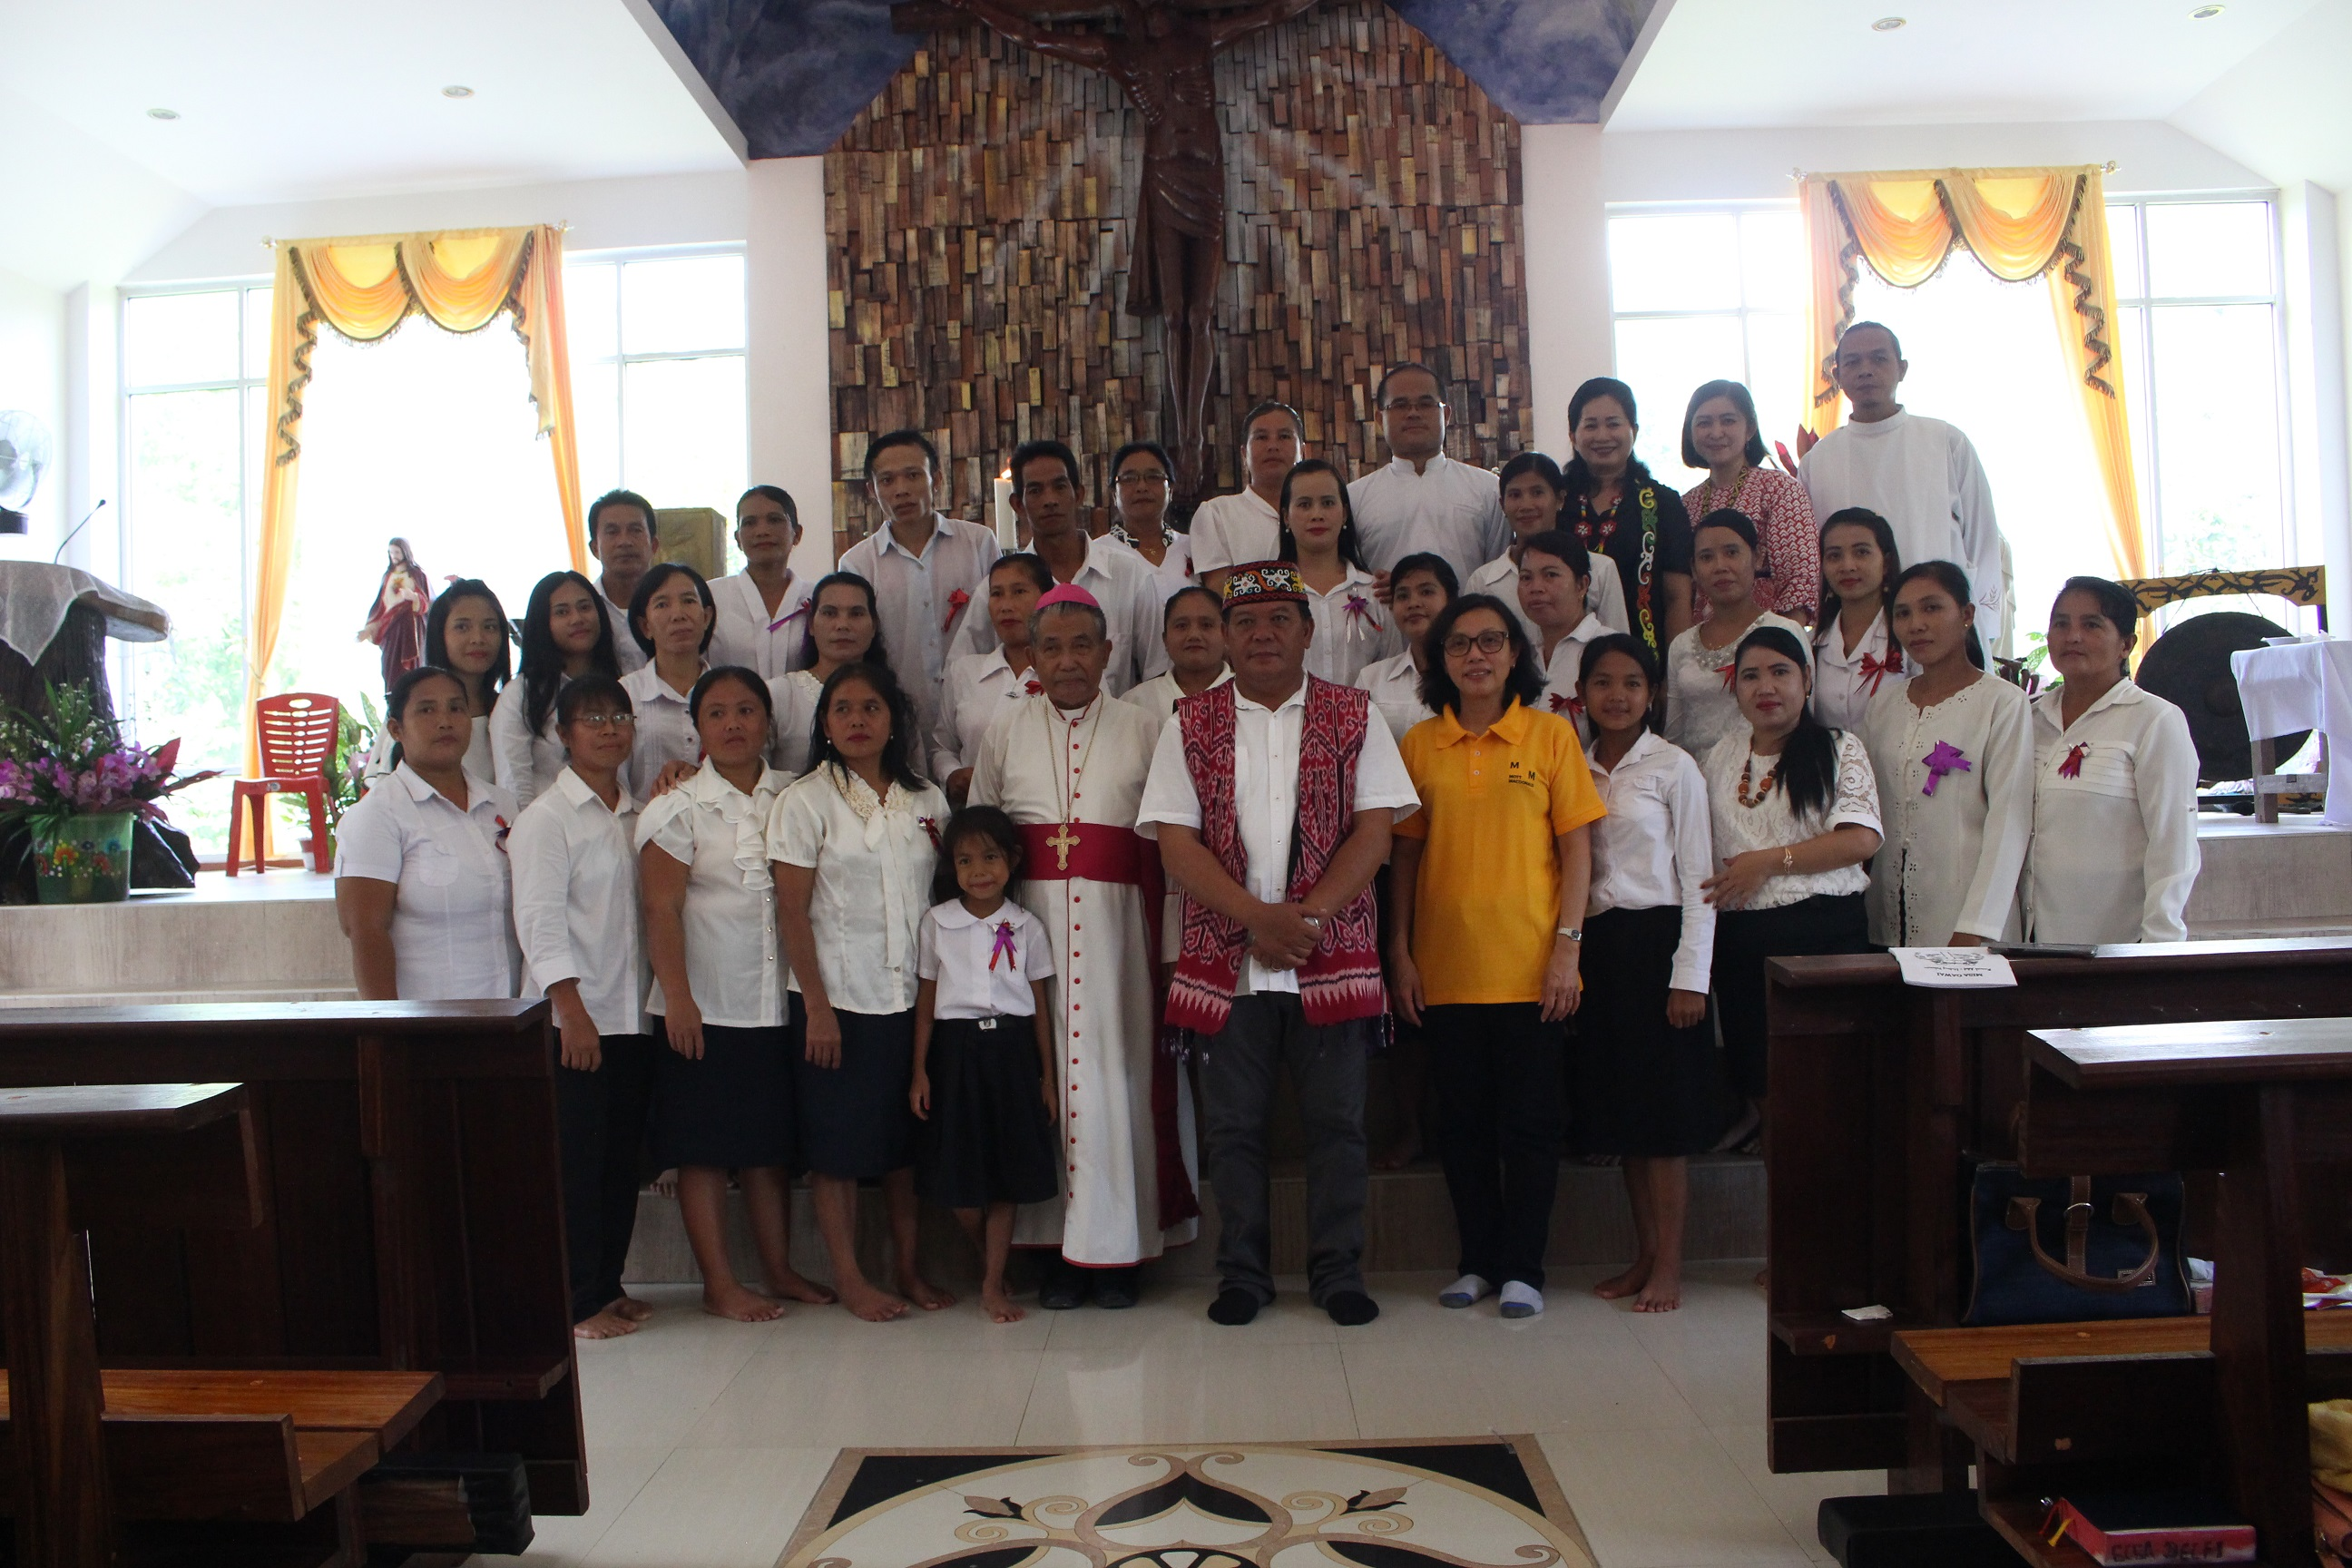 Ungkapan Syukur Masyarakat Saat Gawai di Awali Dengan Misa Bersama